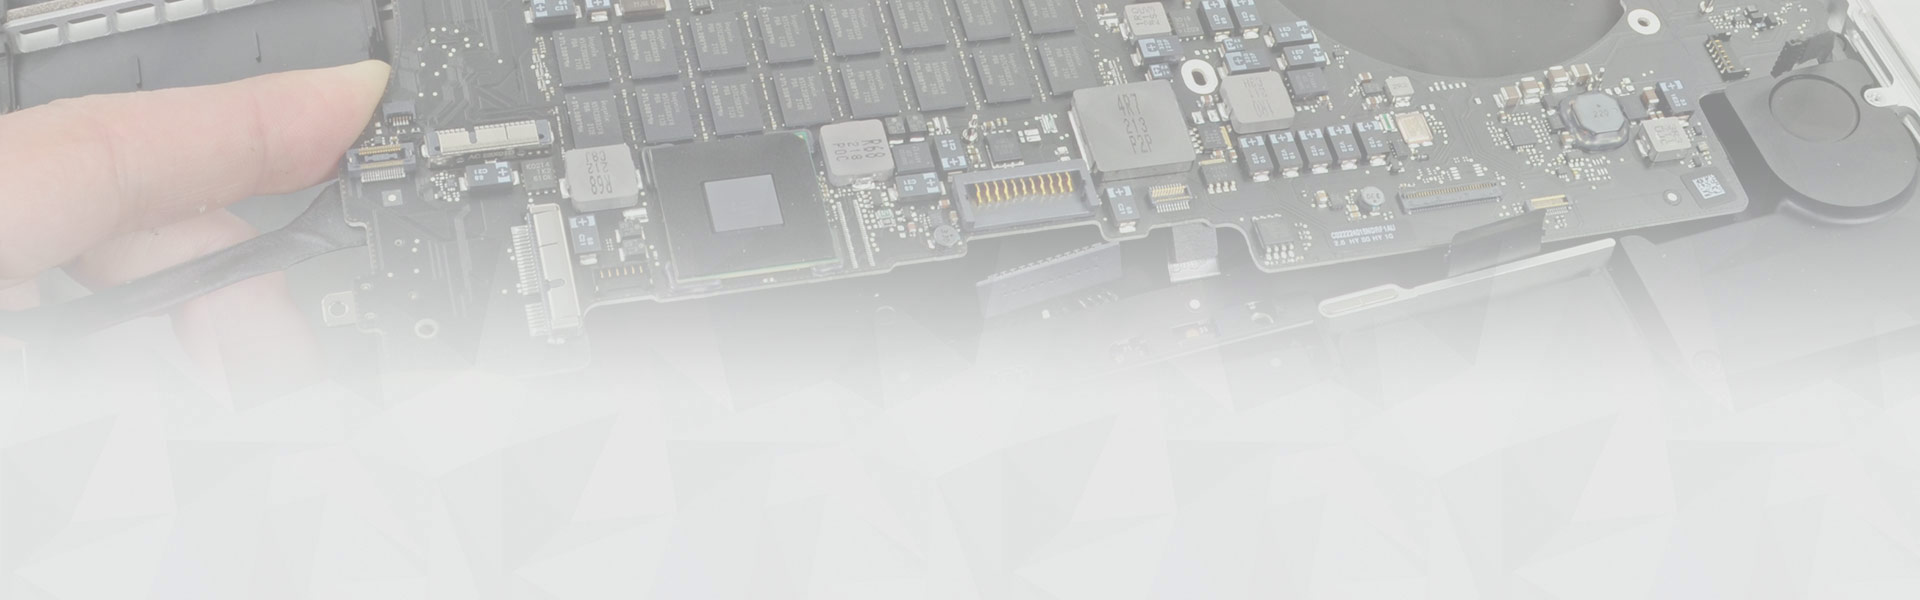 DunaComp Informatika<br>SZÁMÍTÓGÉP SZERVIZ<br>Dunaújváros